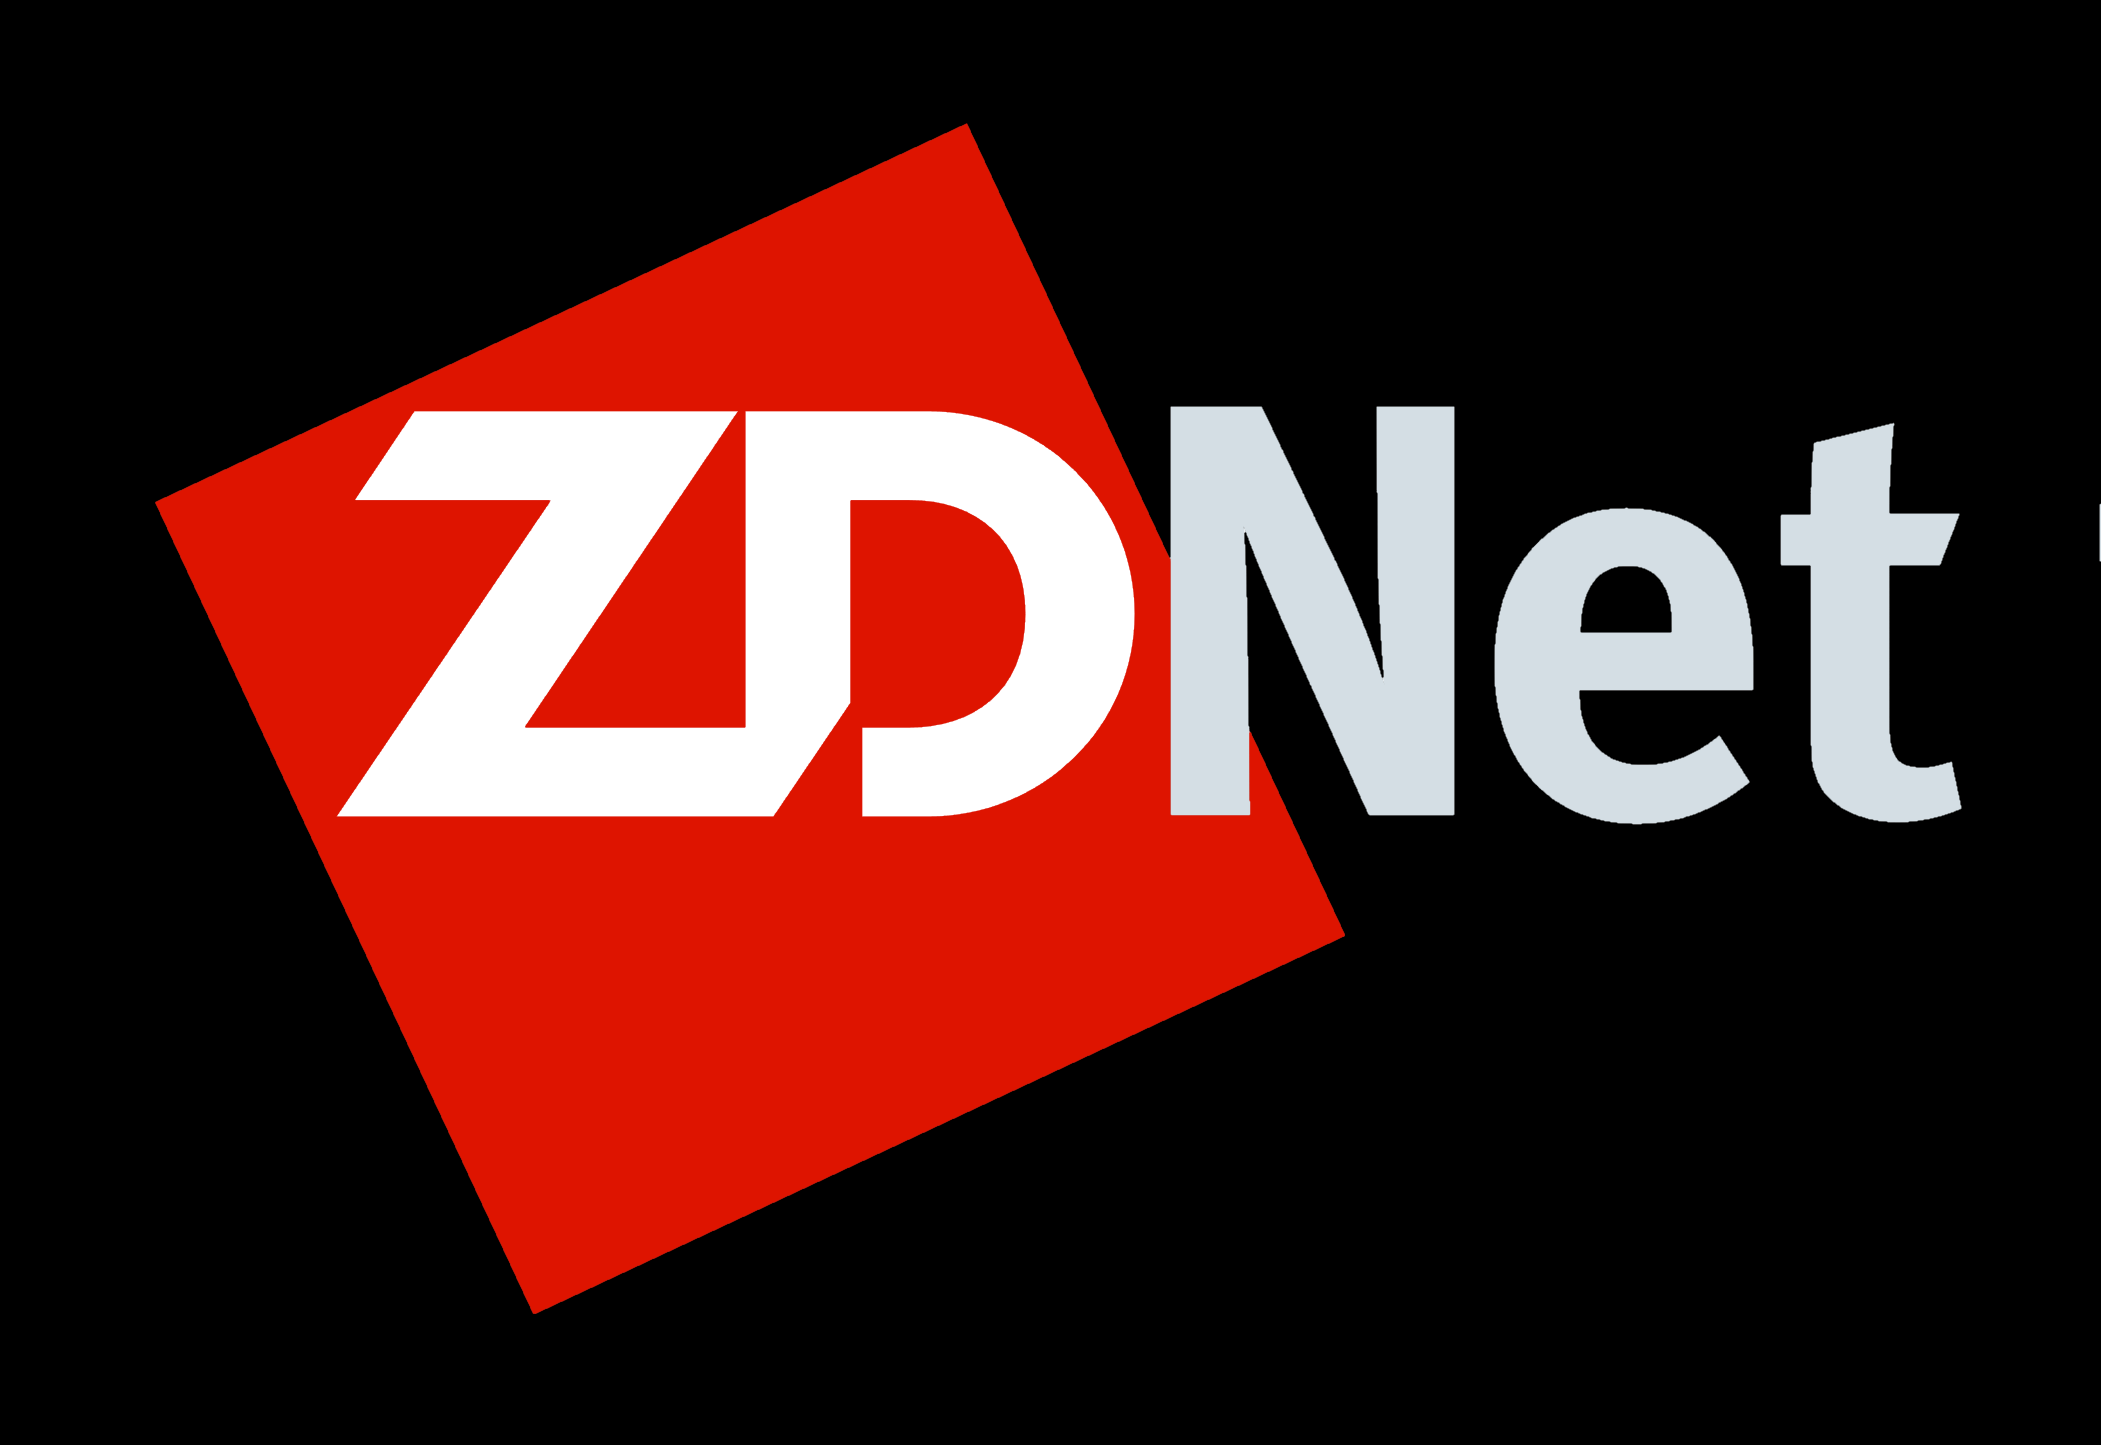 zdnet logos download pandora music logo vector Pandora Radio Logo Vector